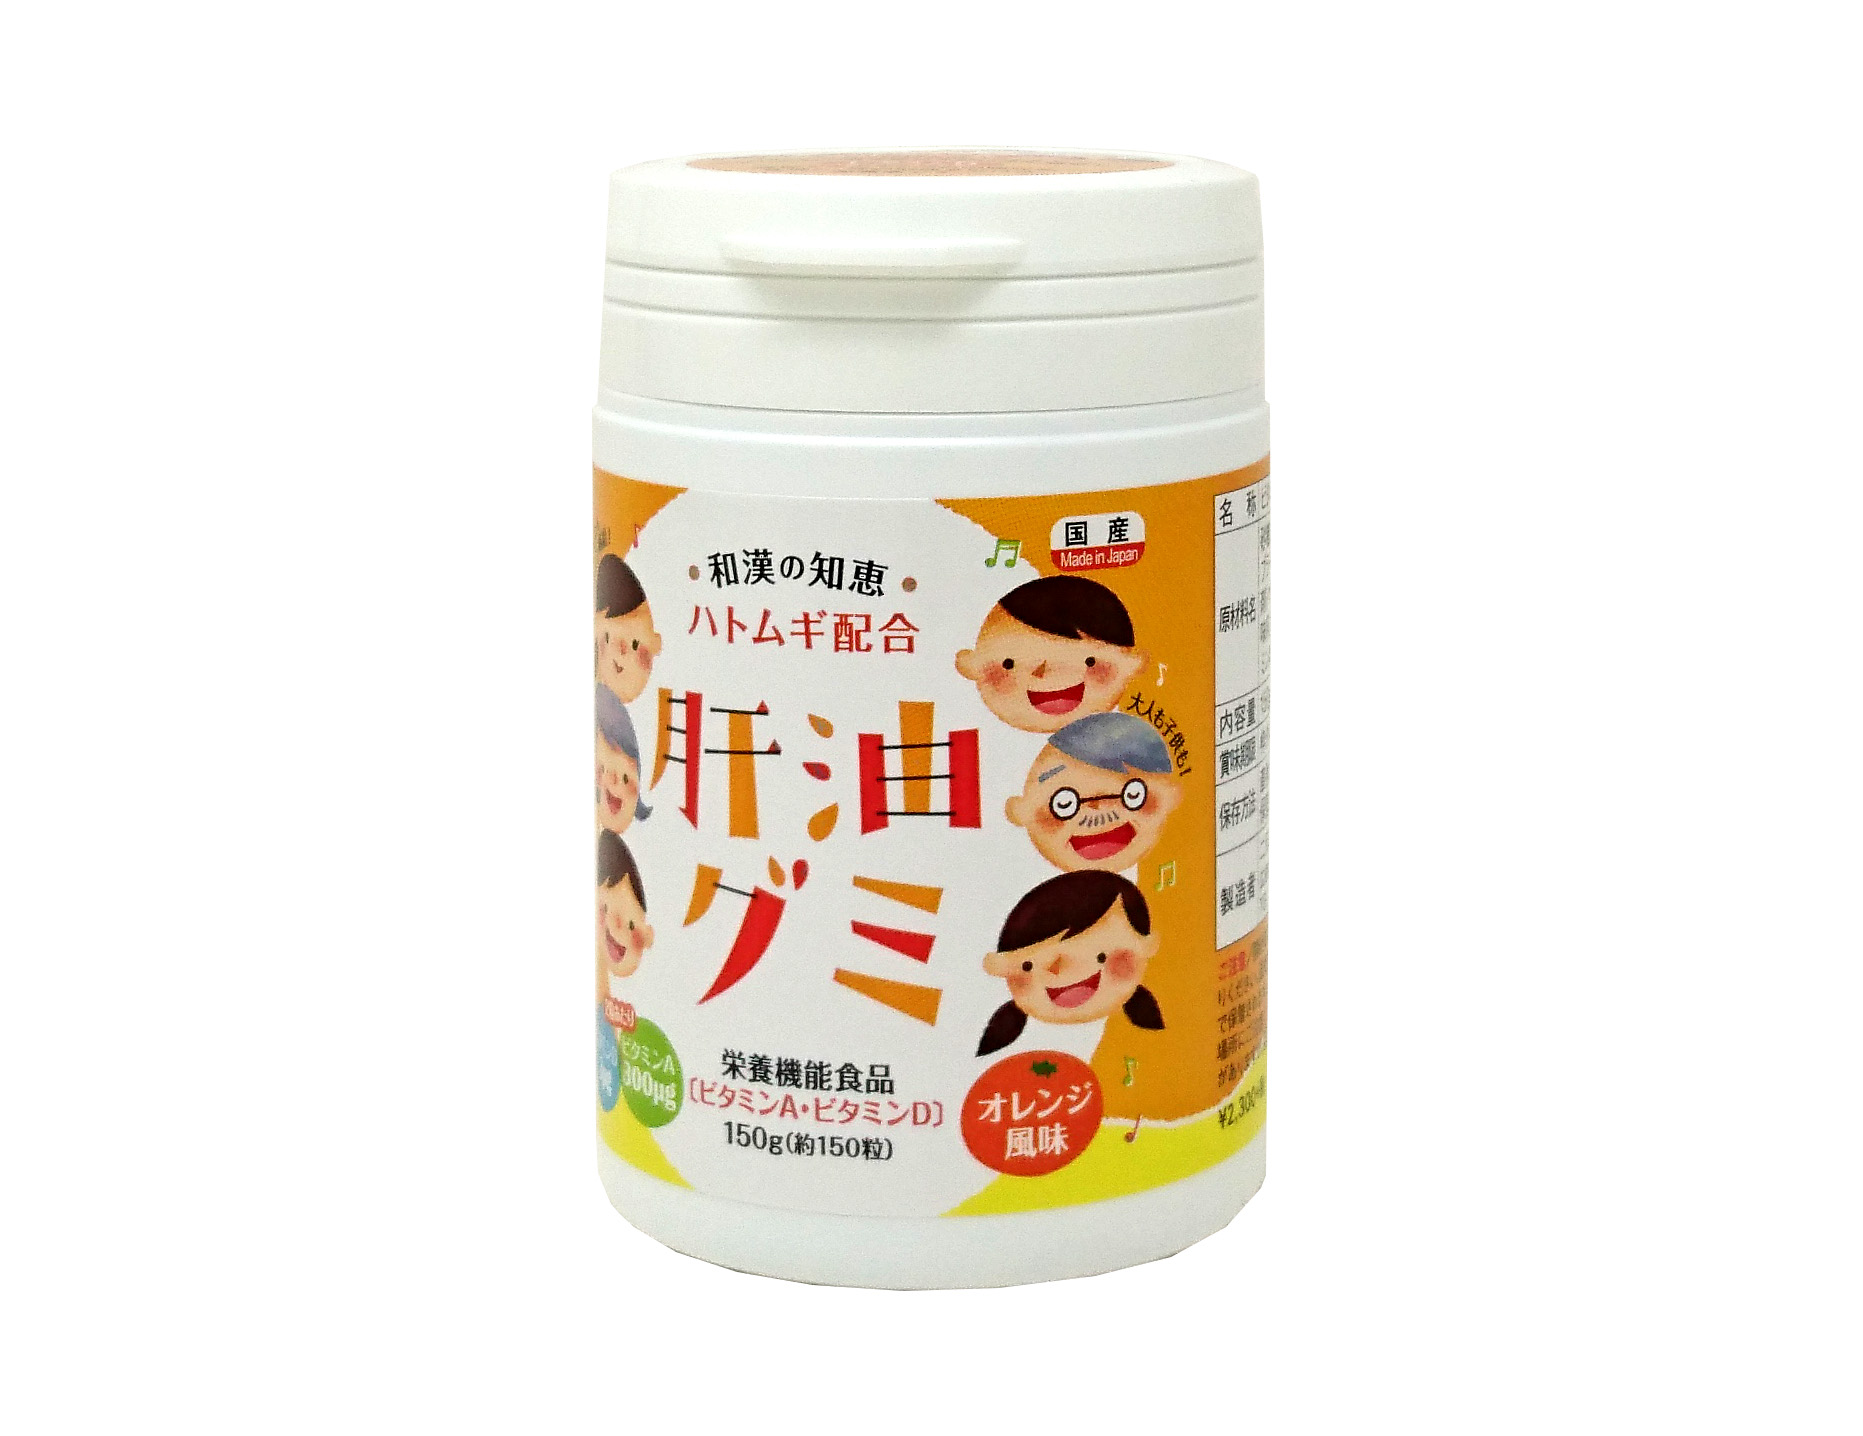 ハトムギ配合 肝油グミ 葉酸プラス 栄養機能食品